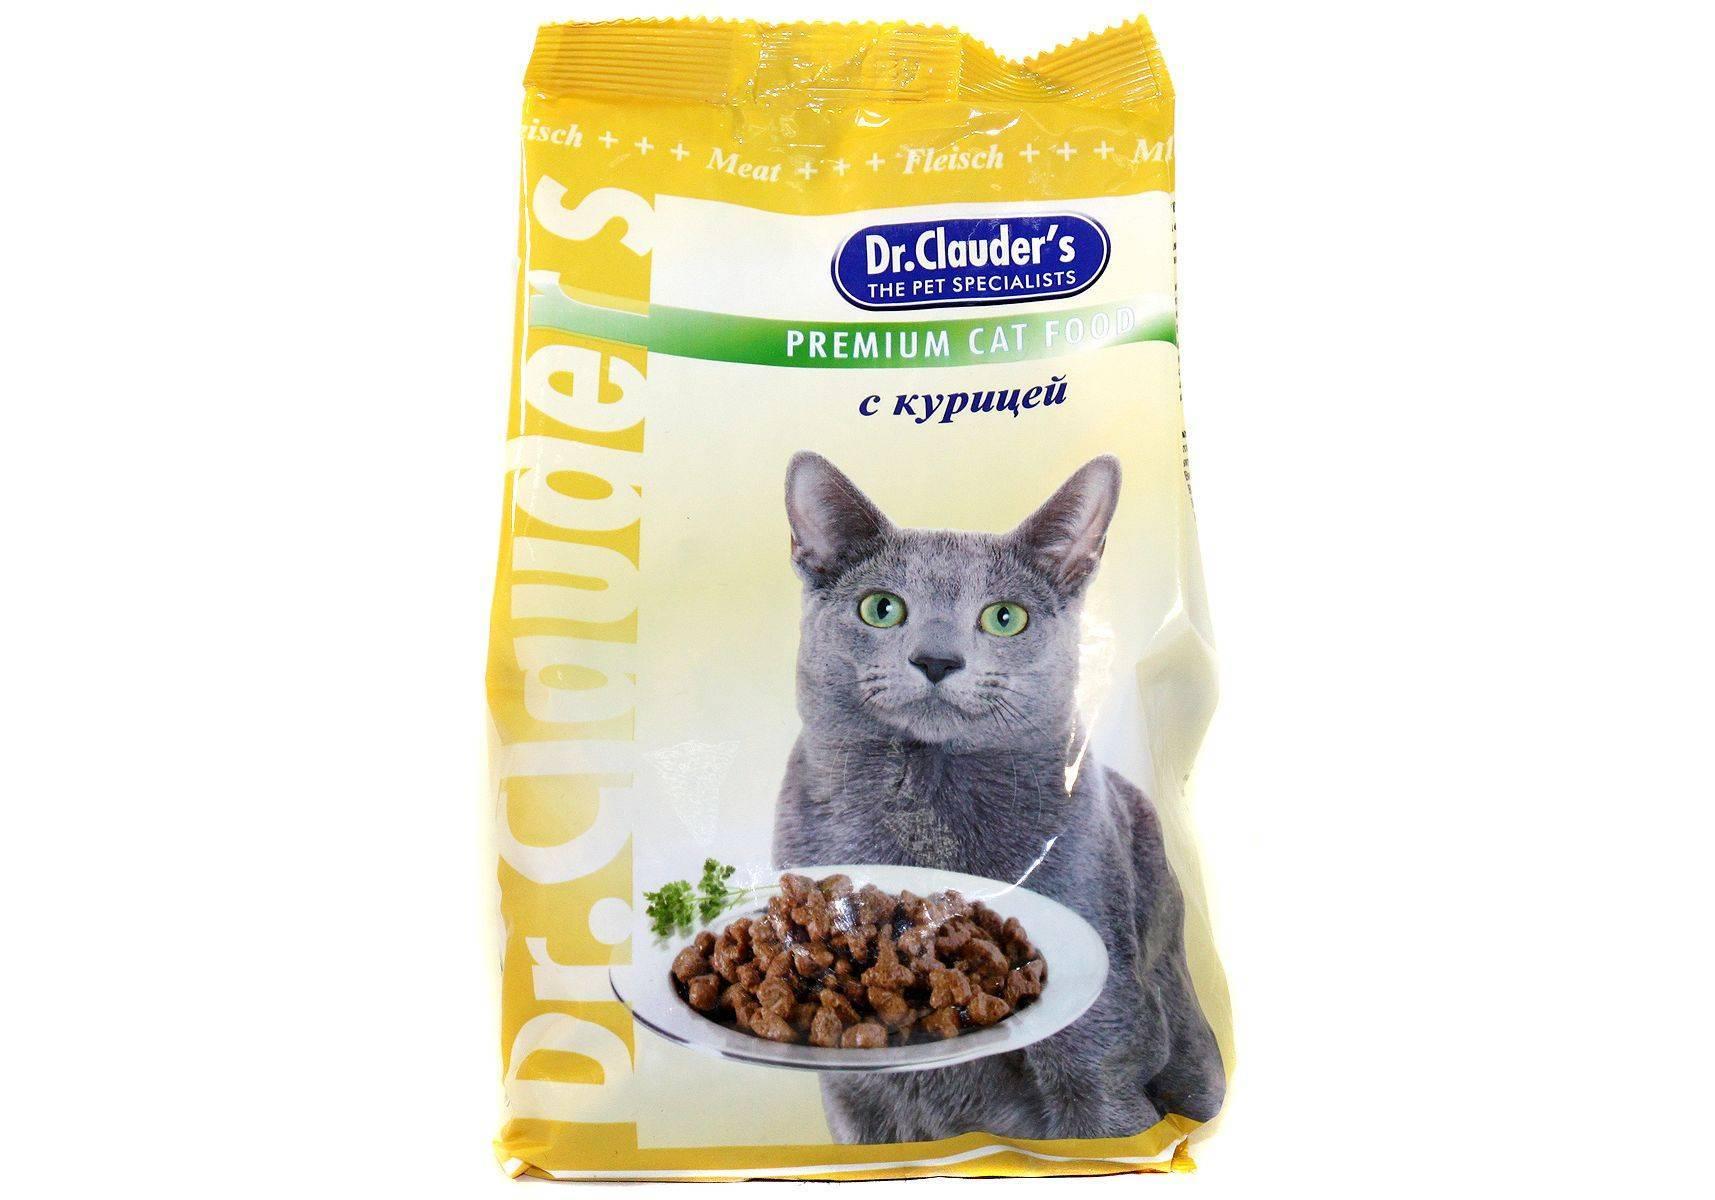 Корм доктор клаудер для кошек - состав